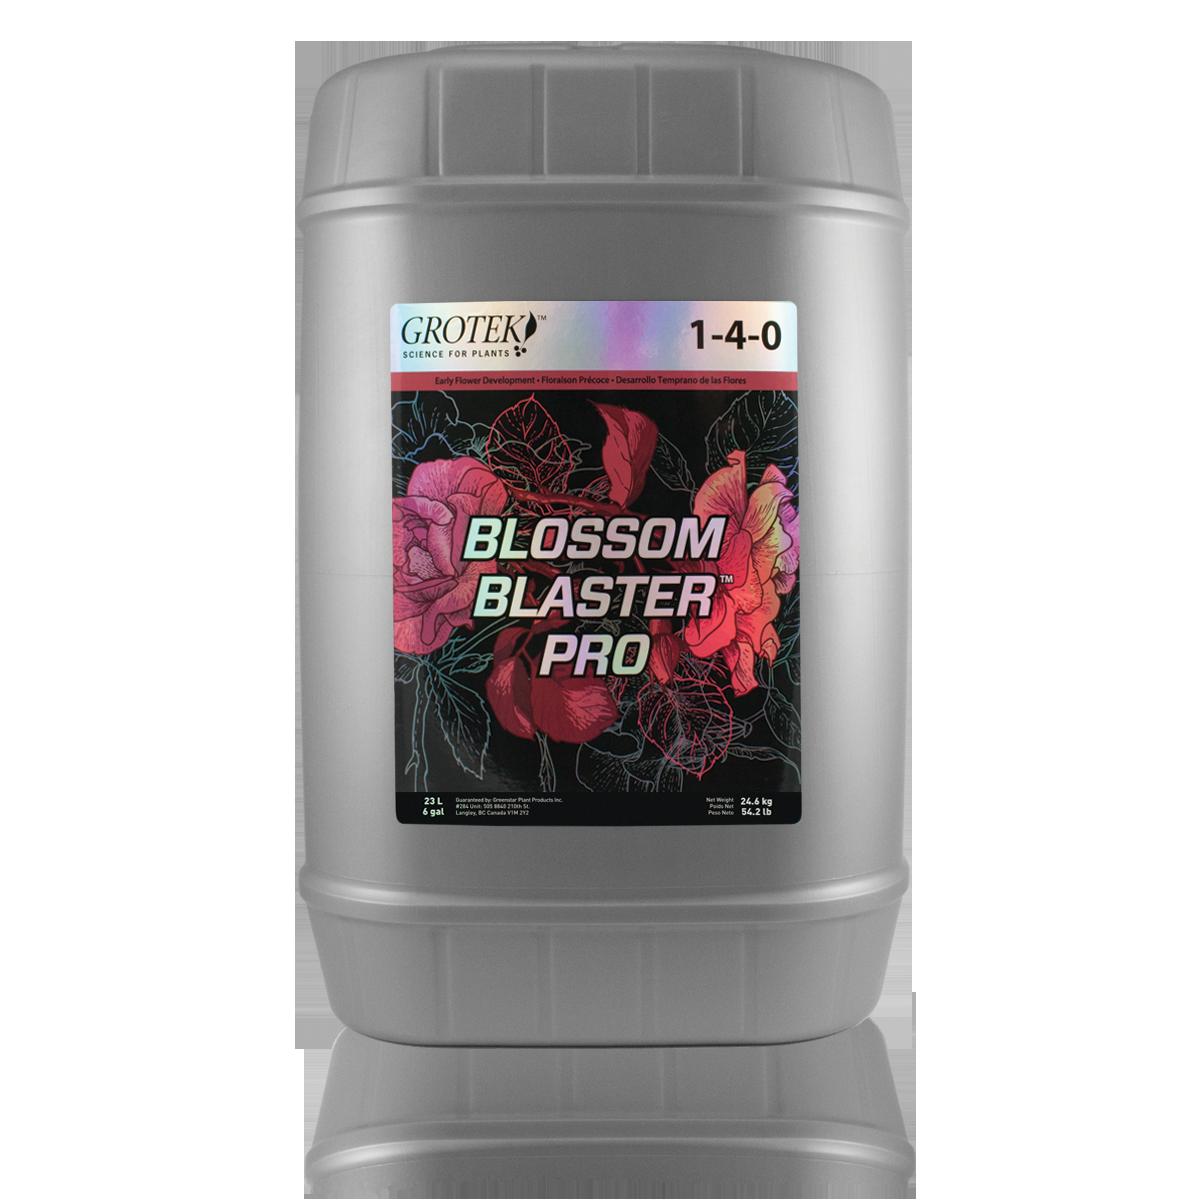 Grotek Grotek - Blossom Blaster Pro